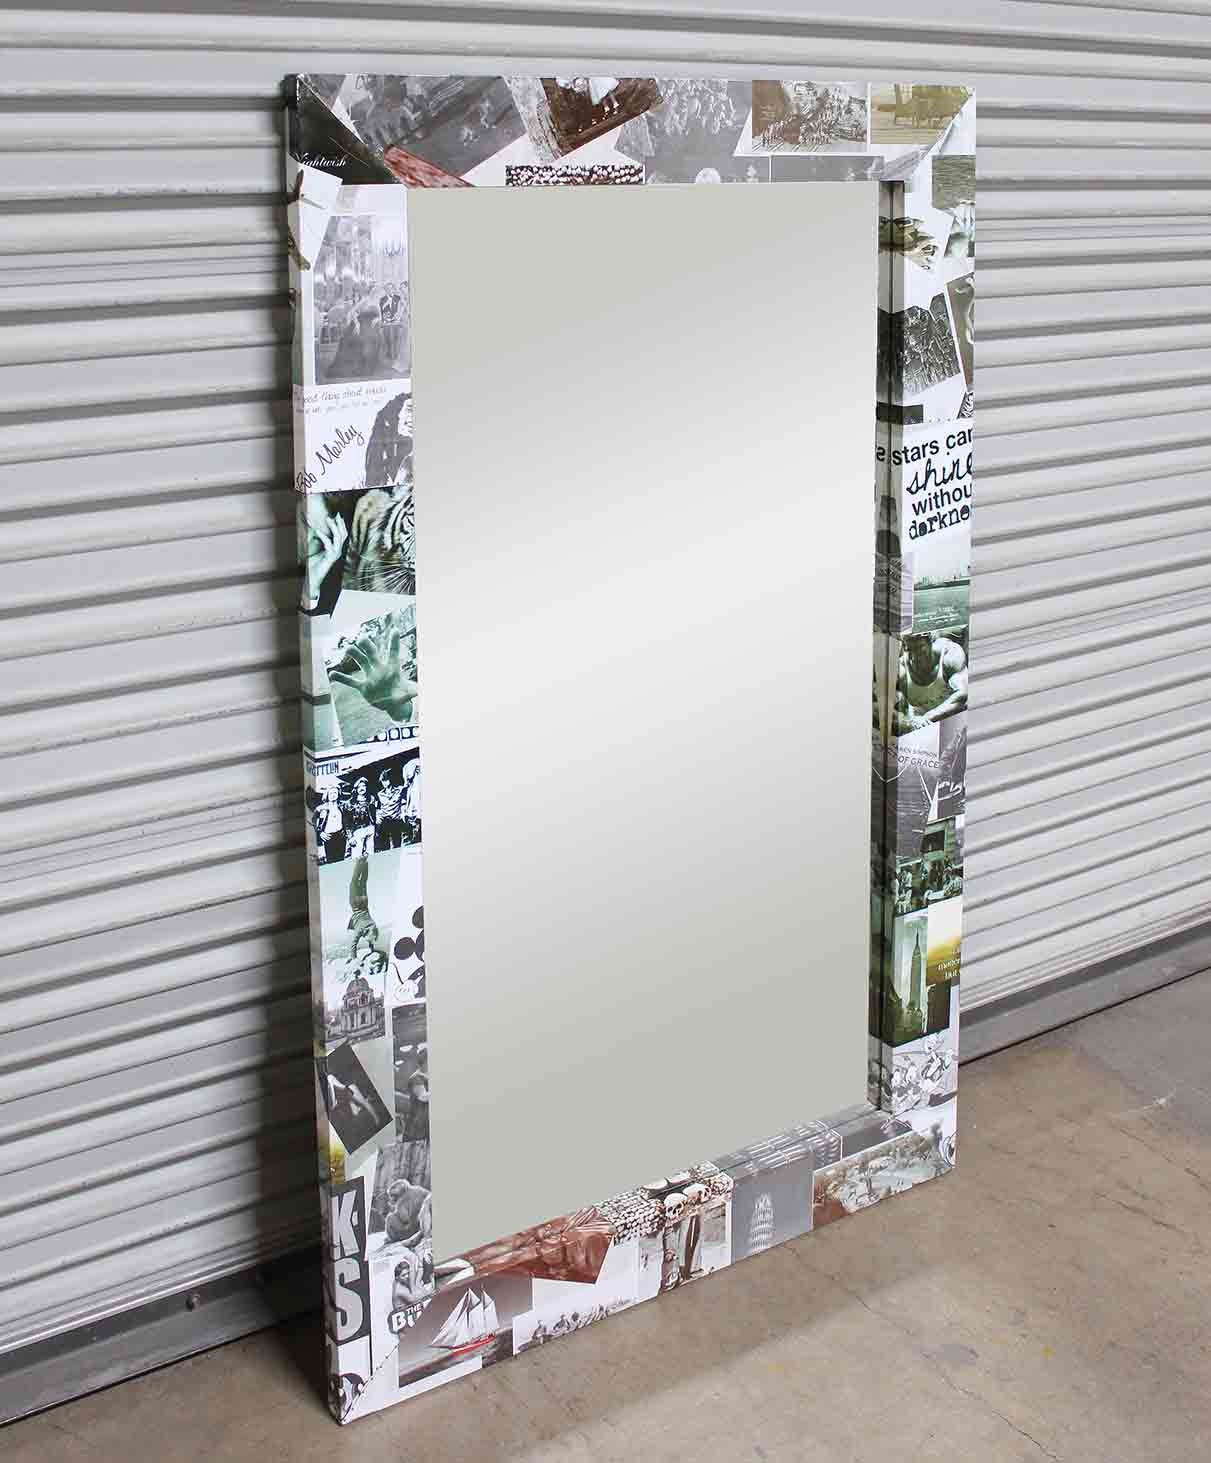 Photo collage frame mirror flat frame photo collage frame mirror jeuxipadfo Image collections